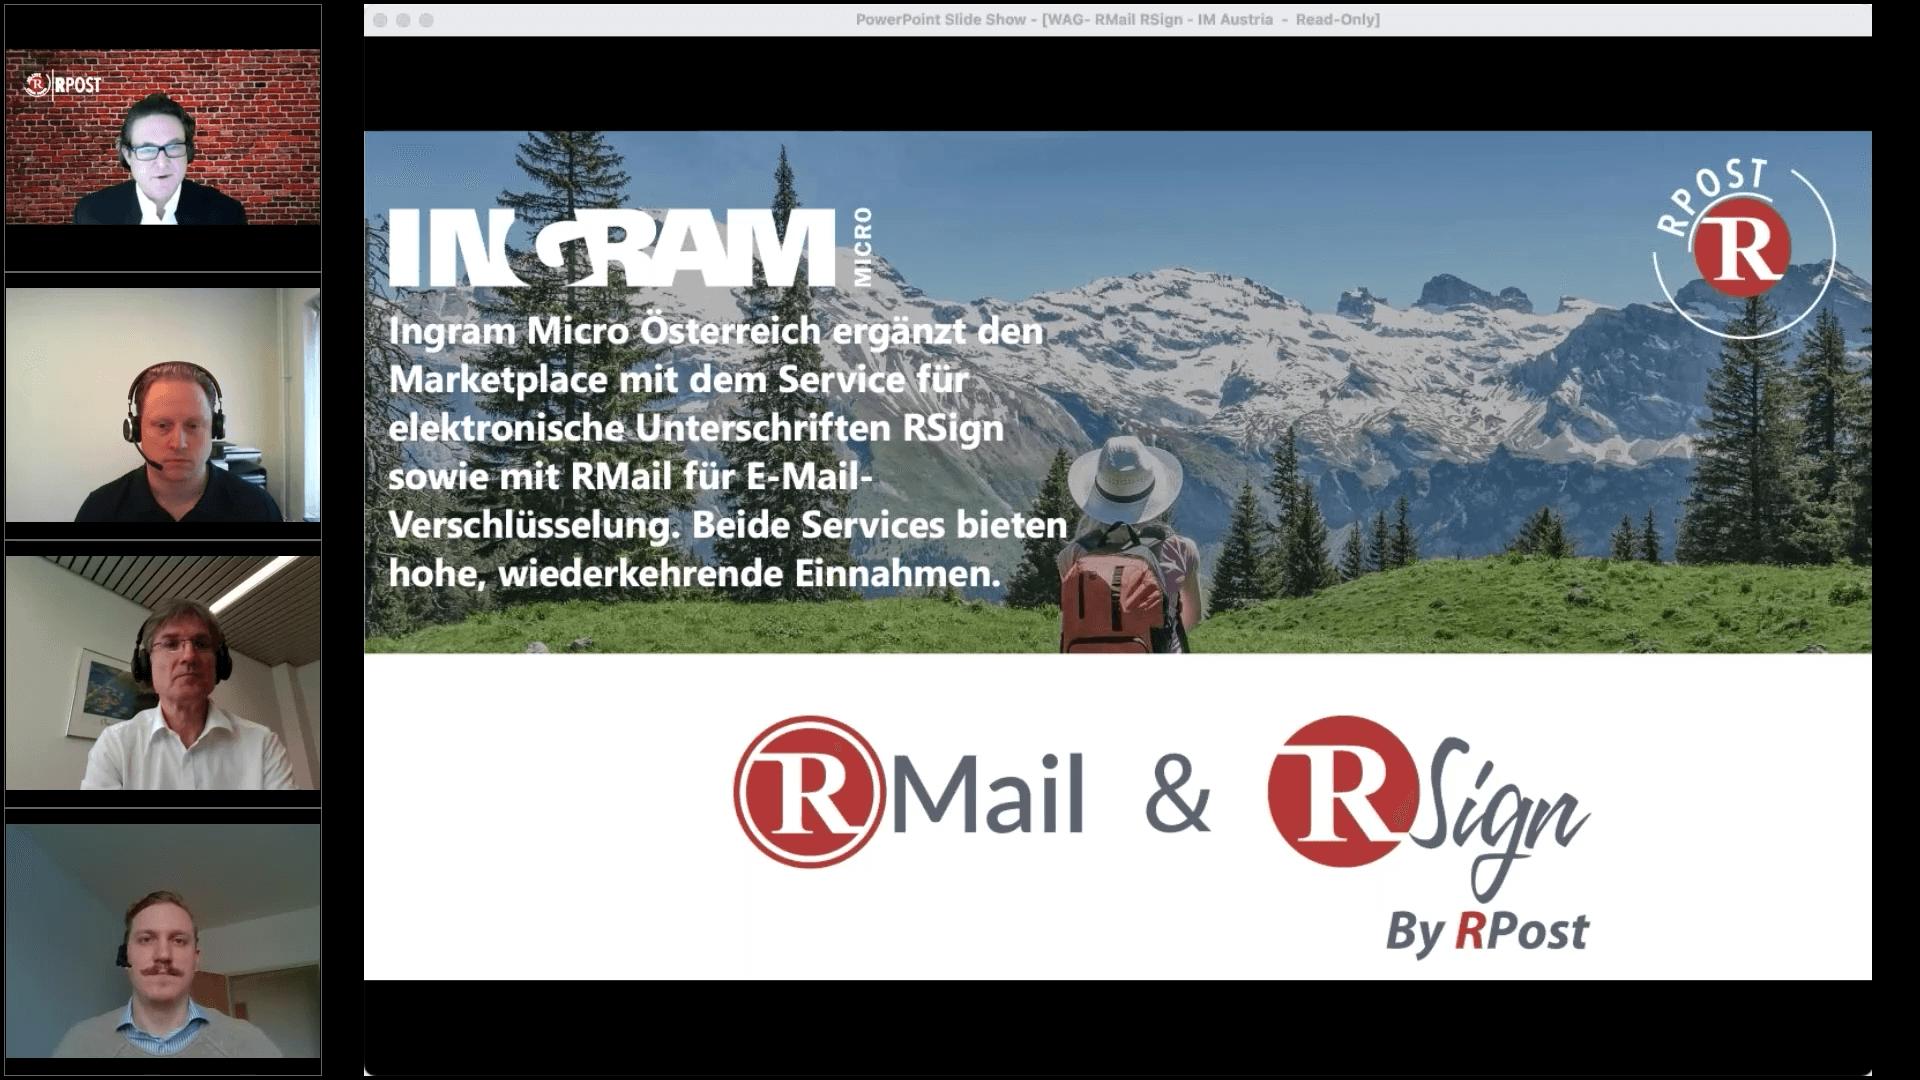 Ingram Micro Österreich präsentiert neue Services von RPost